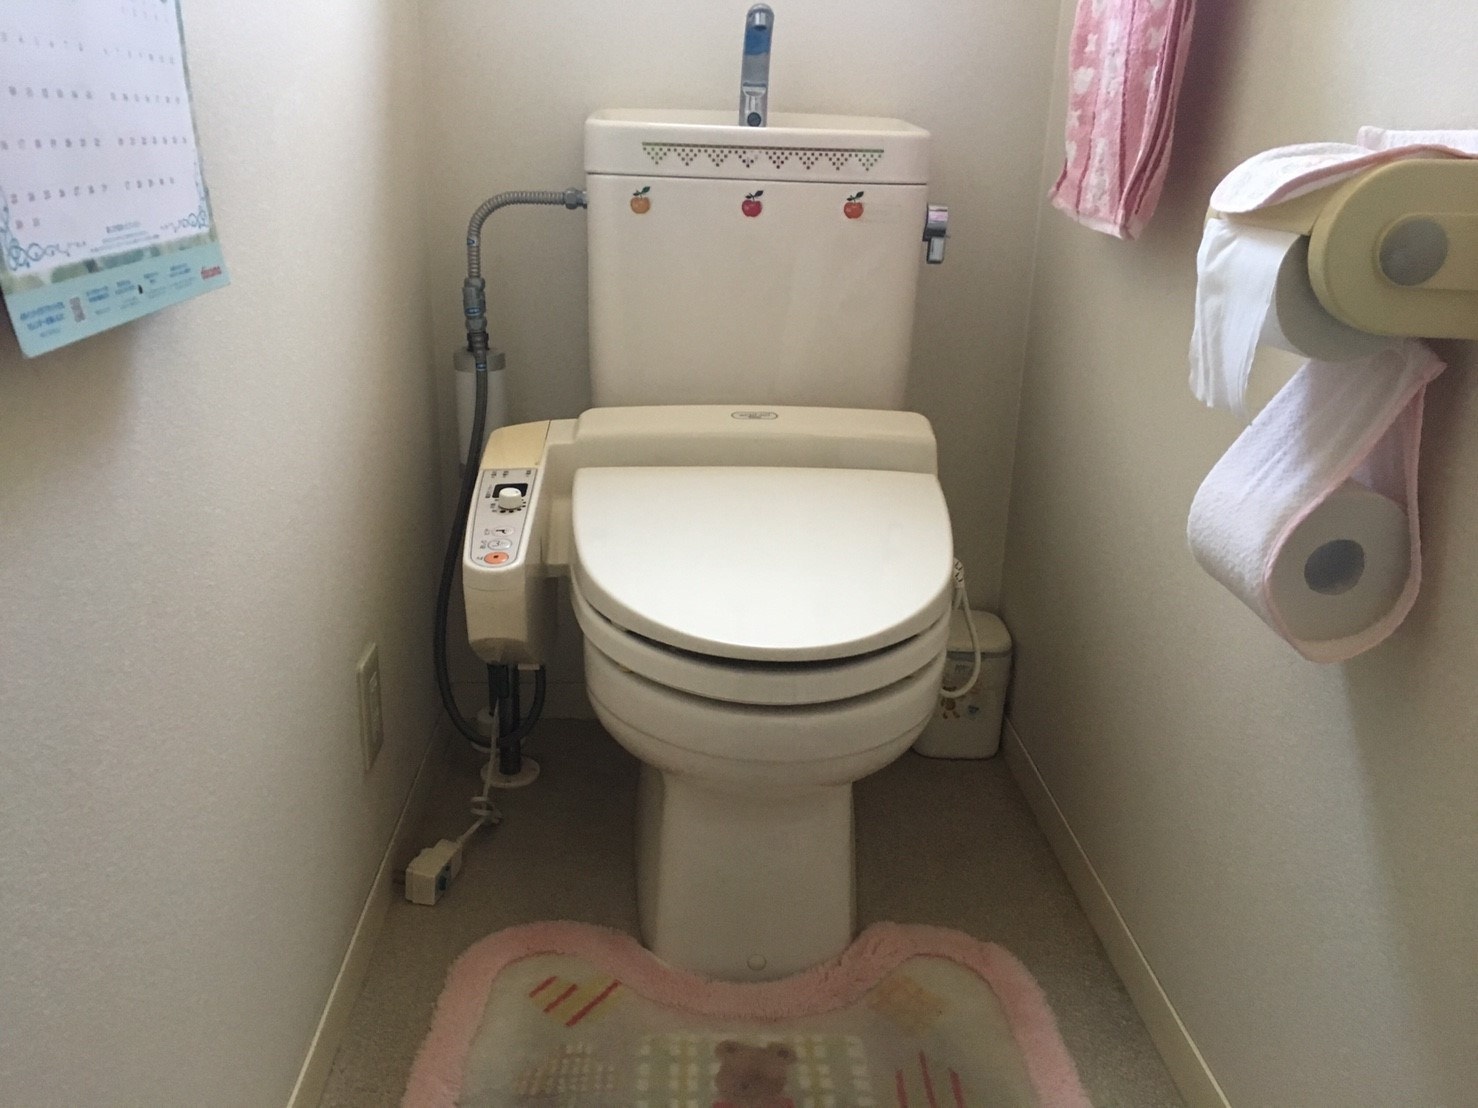 洗浄便座の操作部分が妨げとなり、掃除がしずらい。<br /> 便器を取り替えるときに、カウンターもつけたい。